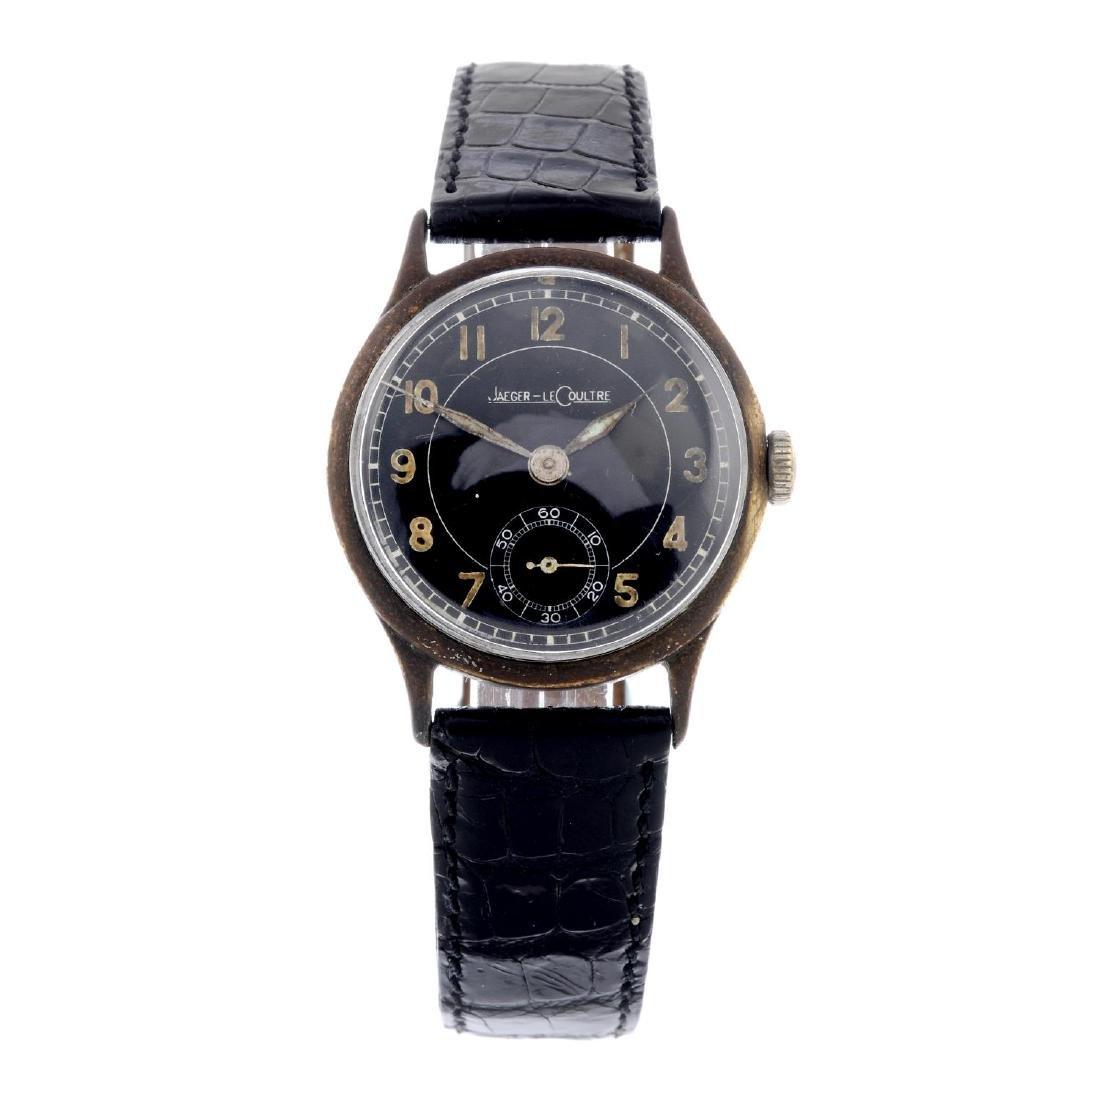 JAEGER-LECOULTRE - a gentleman's wrist watch. Base